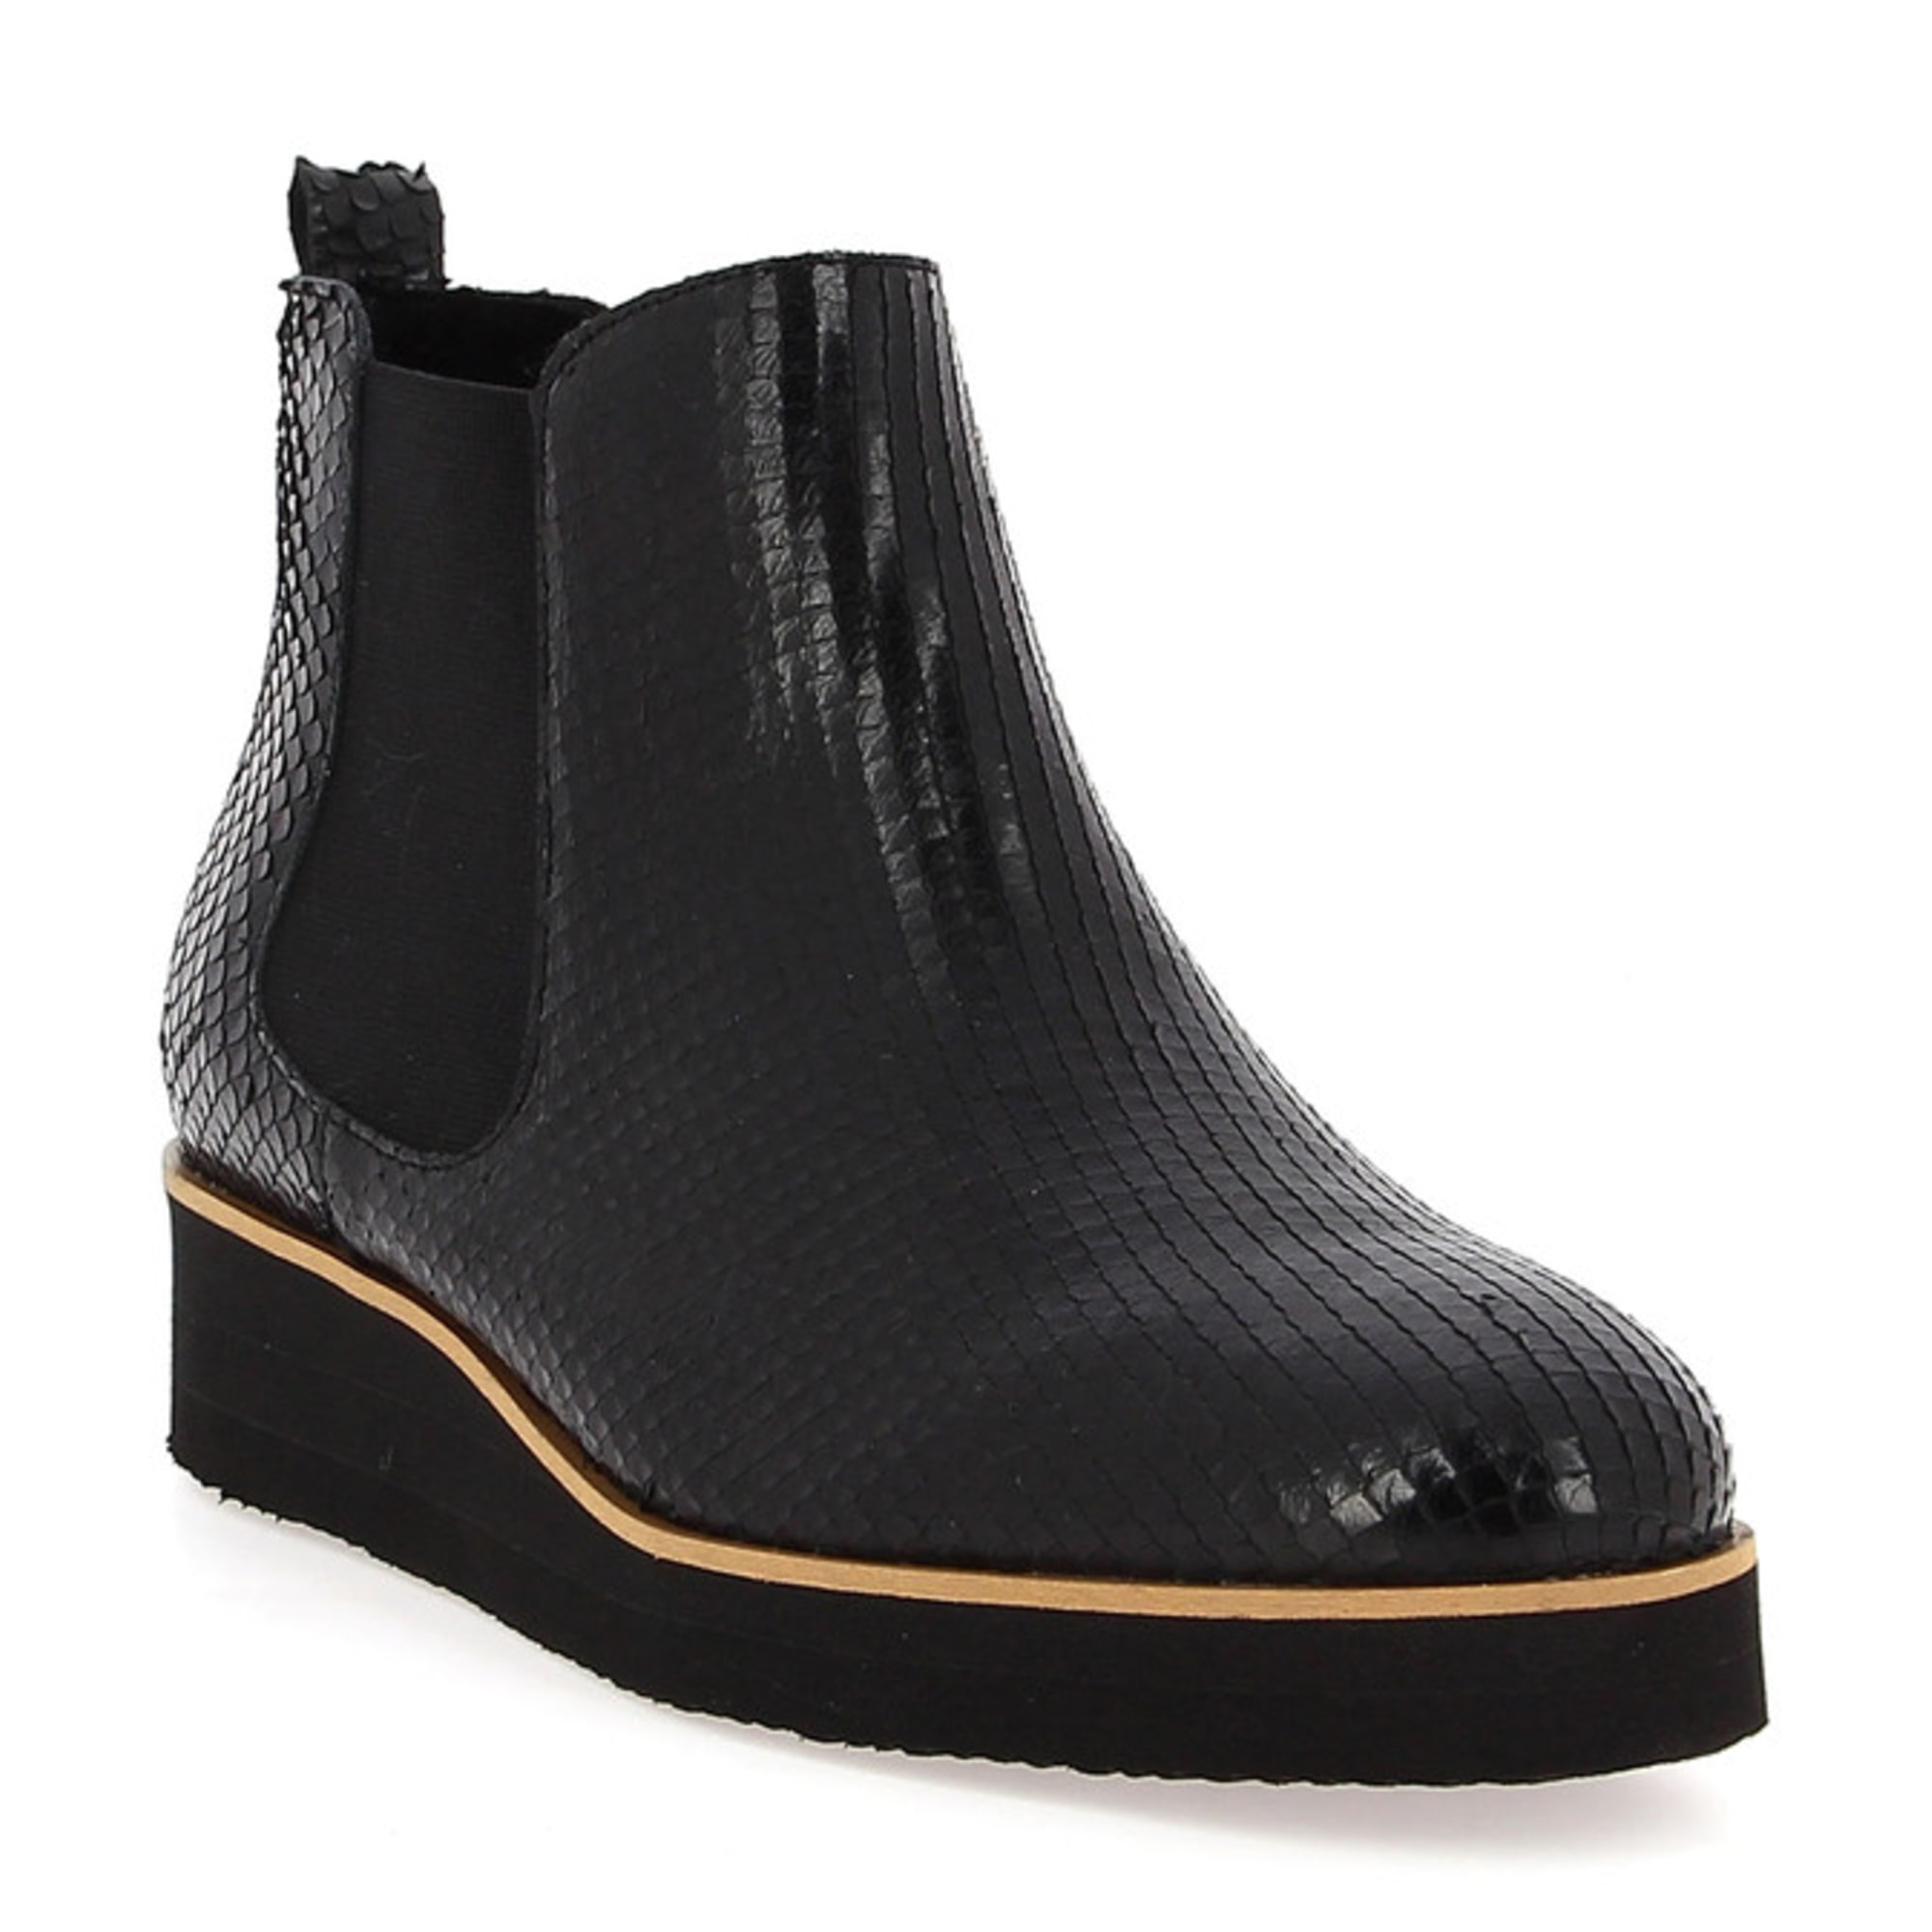 d432efc7f33 Bottines   low boots à compensés GALERIES LAFAYETTE 38 noir vendu ...